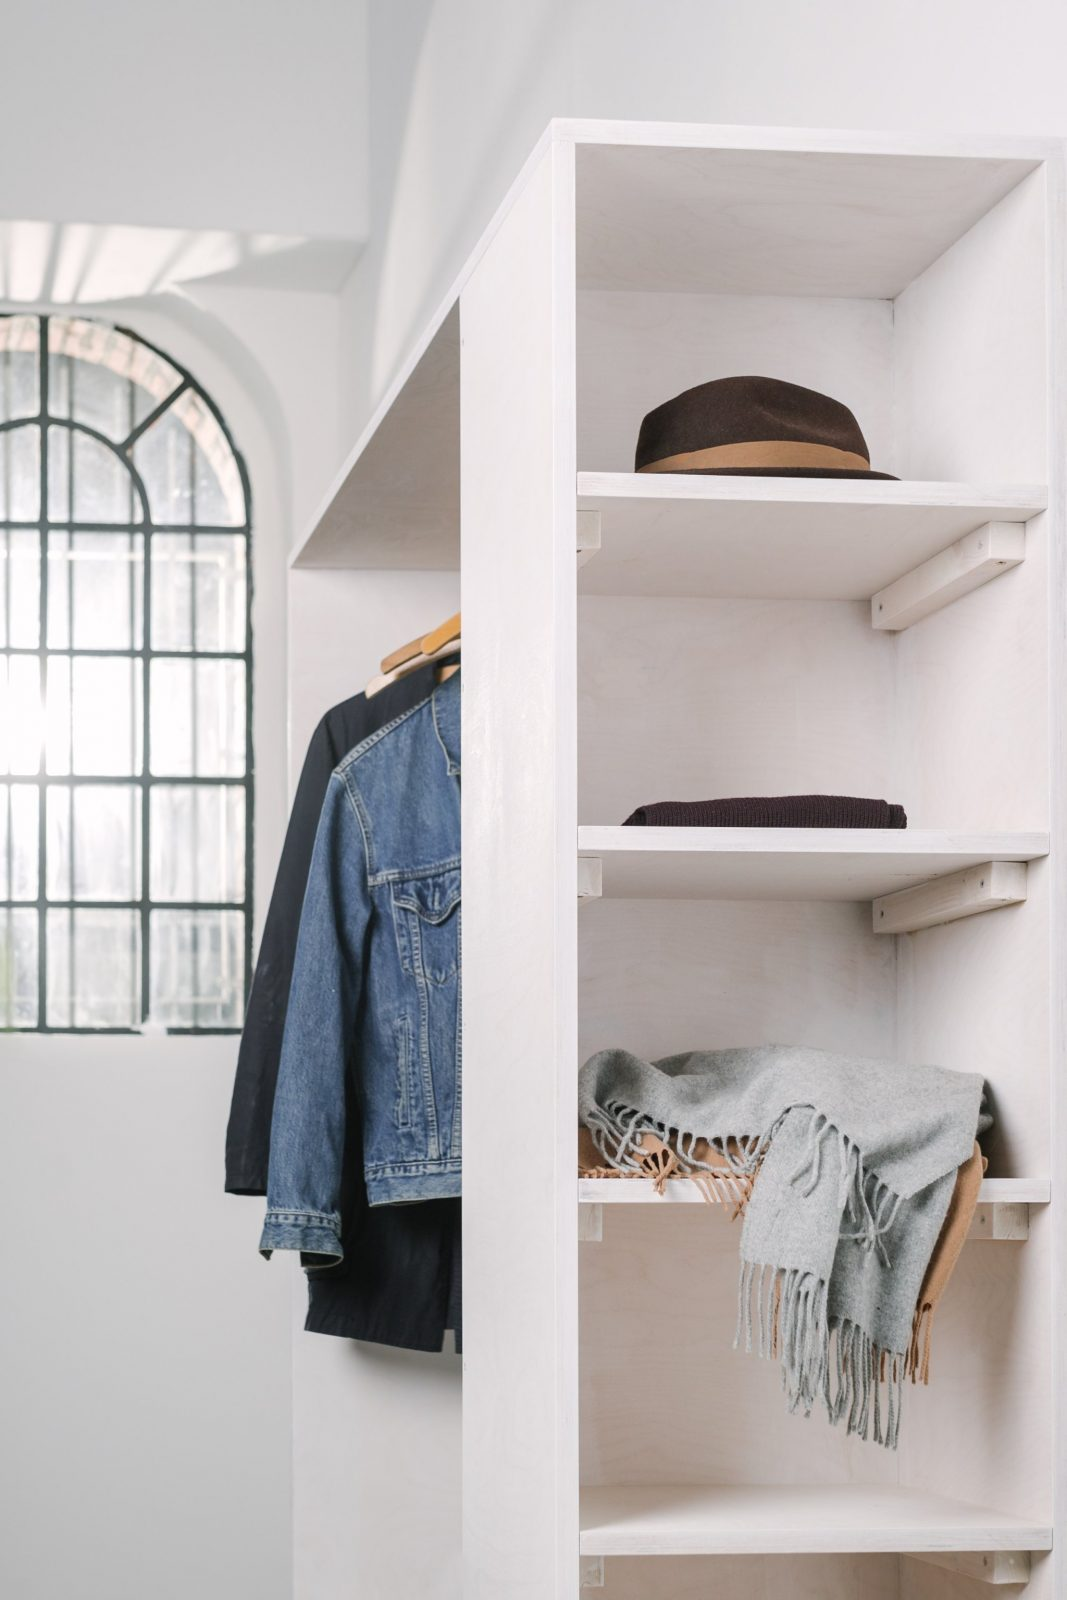 Offenen Schrank Selber Bauen – Tipps Zur Planung  Obi von Offenen Kleiderschrank Selber Bauen Photo